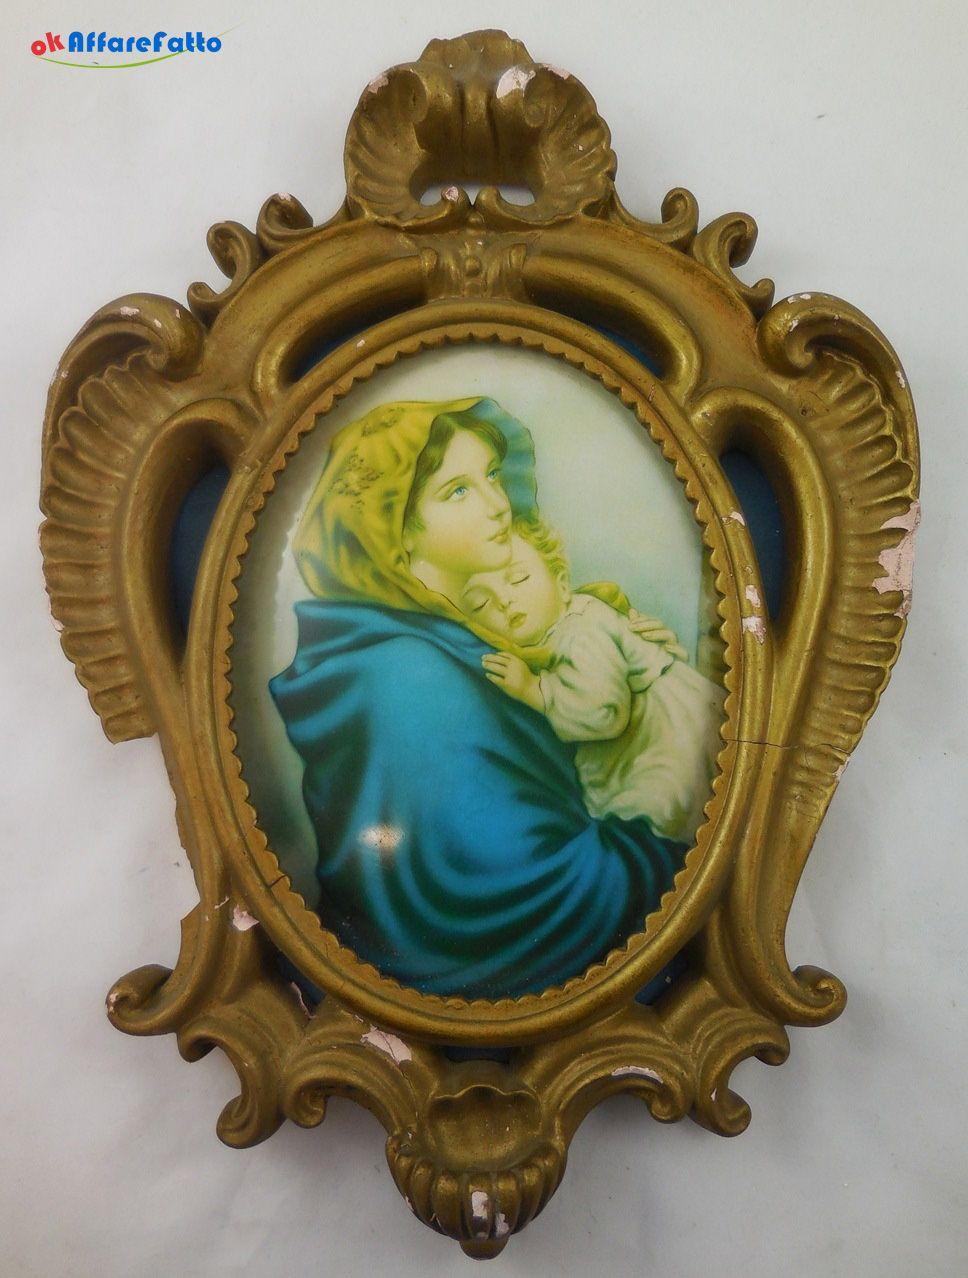 H 1011 QUADRO CAPOLETTO MADONNA CON BAMBINO IN BRACCIO - http://www.okaffarefattofrascati.com/?product=h-1011-quadro-capoletto-madonna-con-bambino-in-braccio